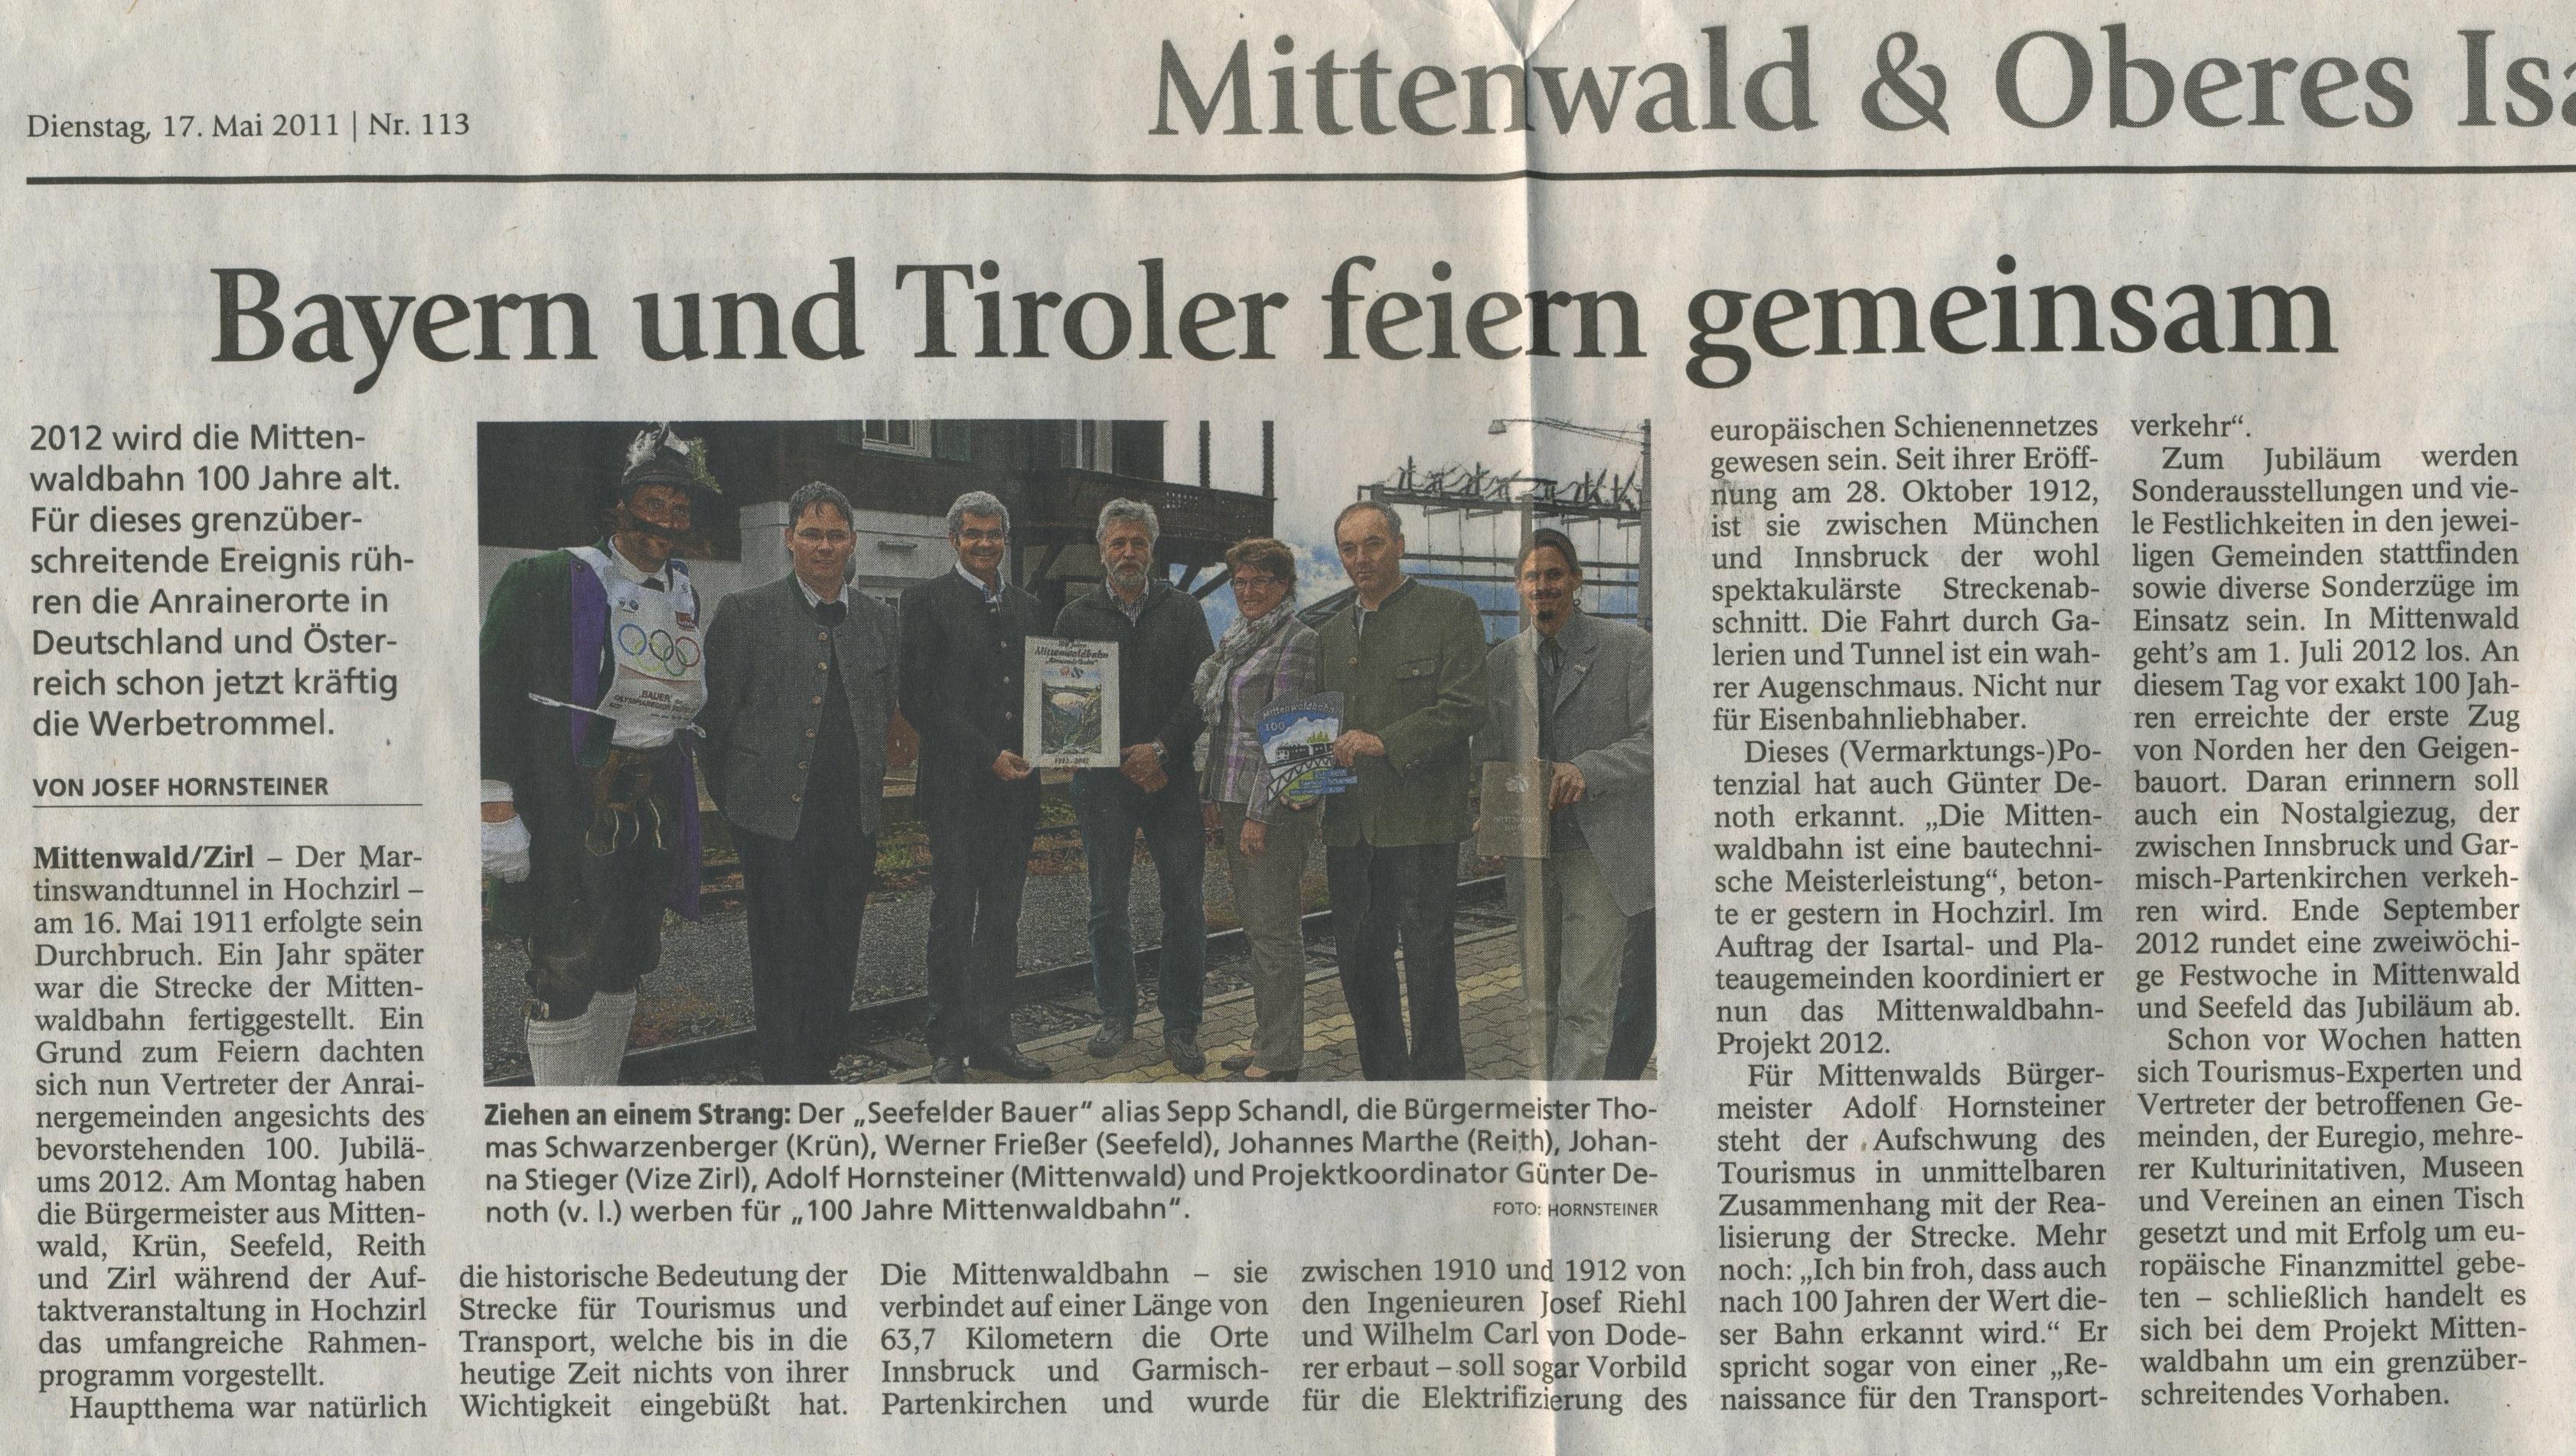 Garmisch-Partenkirchner Tagblatt 17mai2011